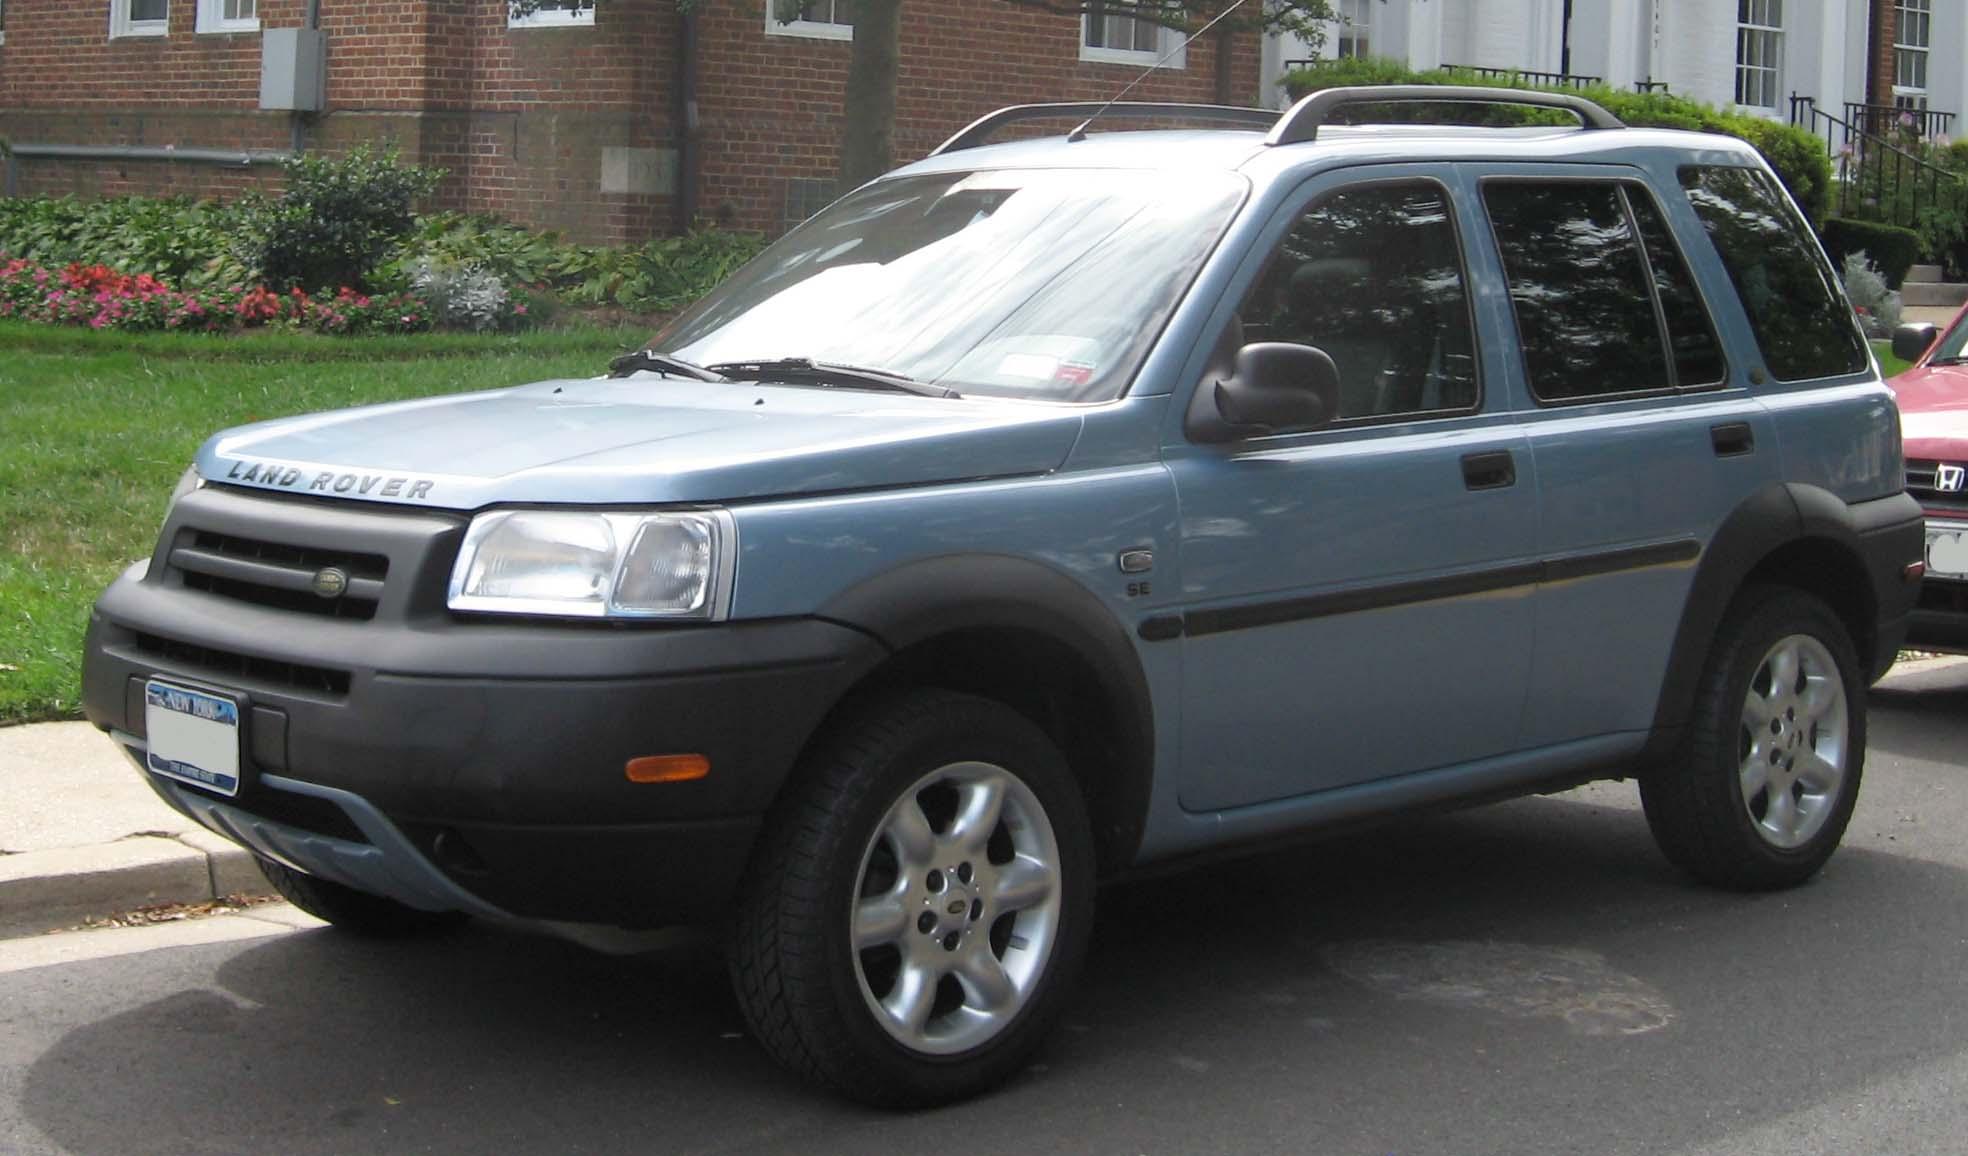 https://upload.wikimedia.org/wikipedia/commons/5/56/2002-2003_Land_Rover_Freelander.jpg